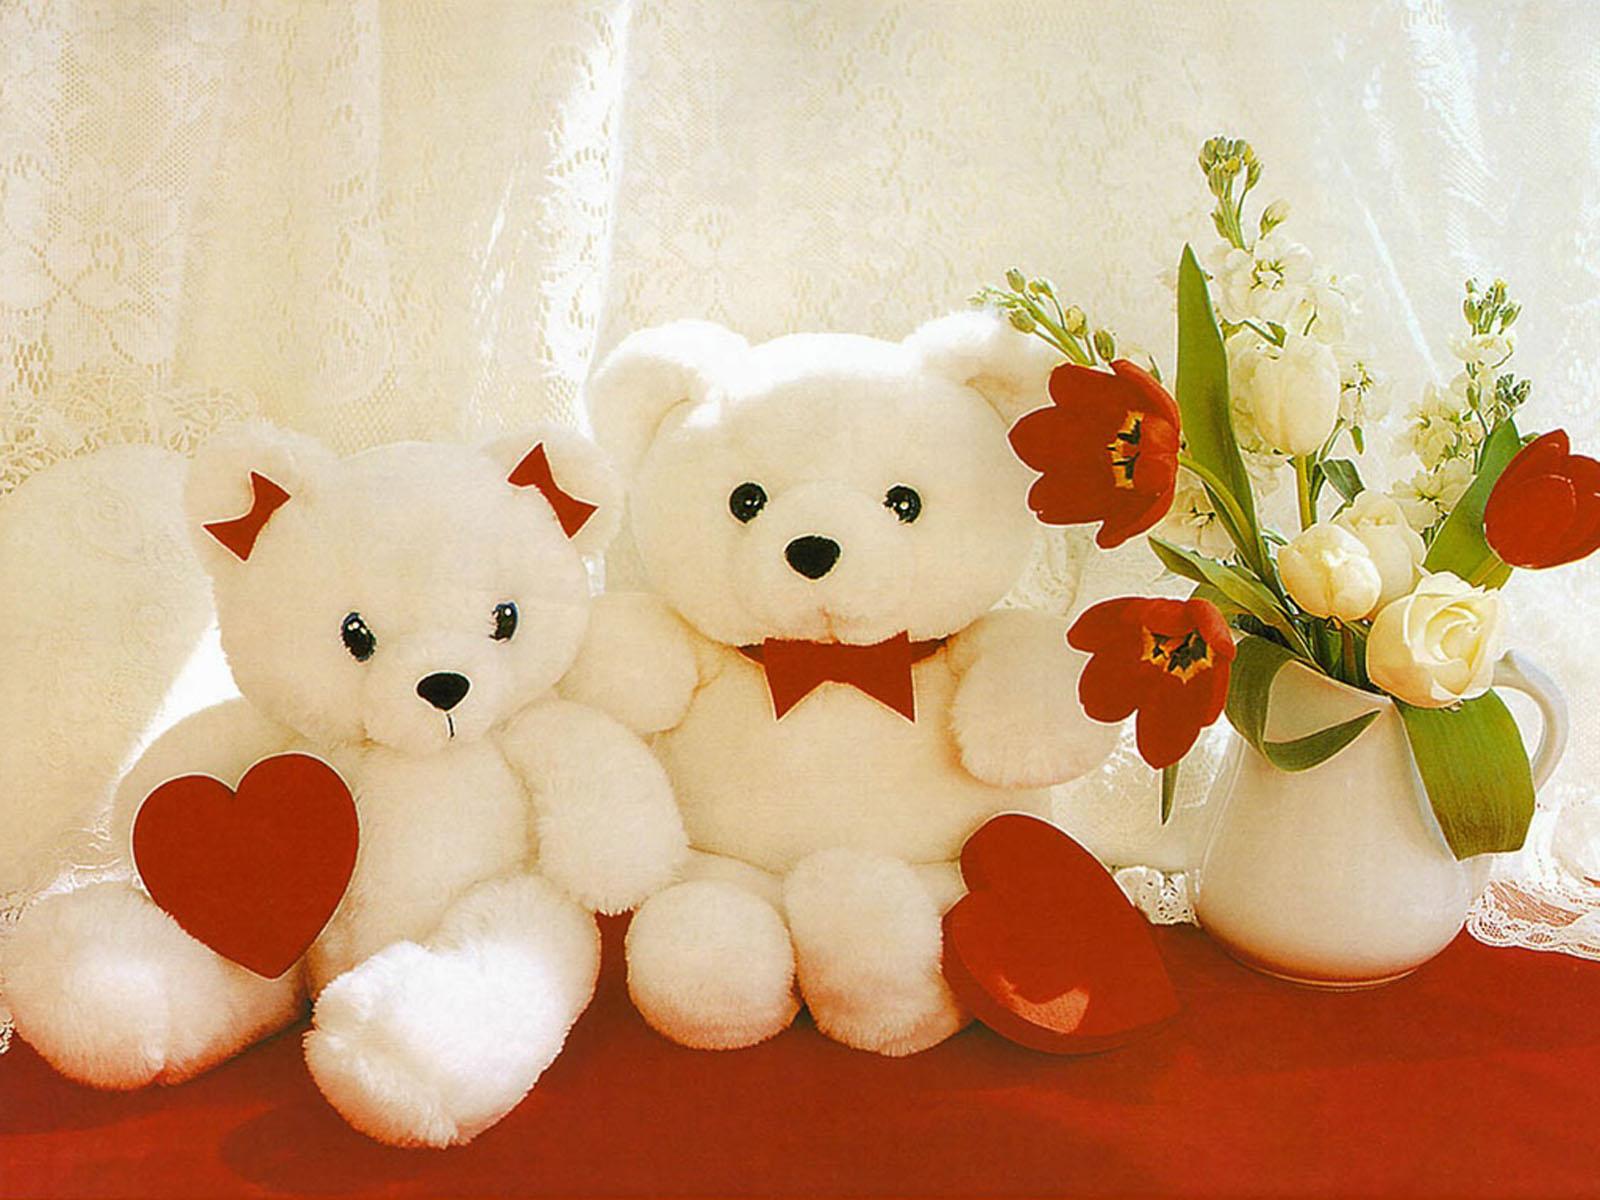 Cute Teddy Bear Wallpapers For Desktop Hd 1600x1200